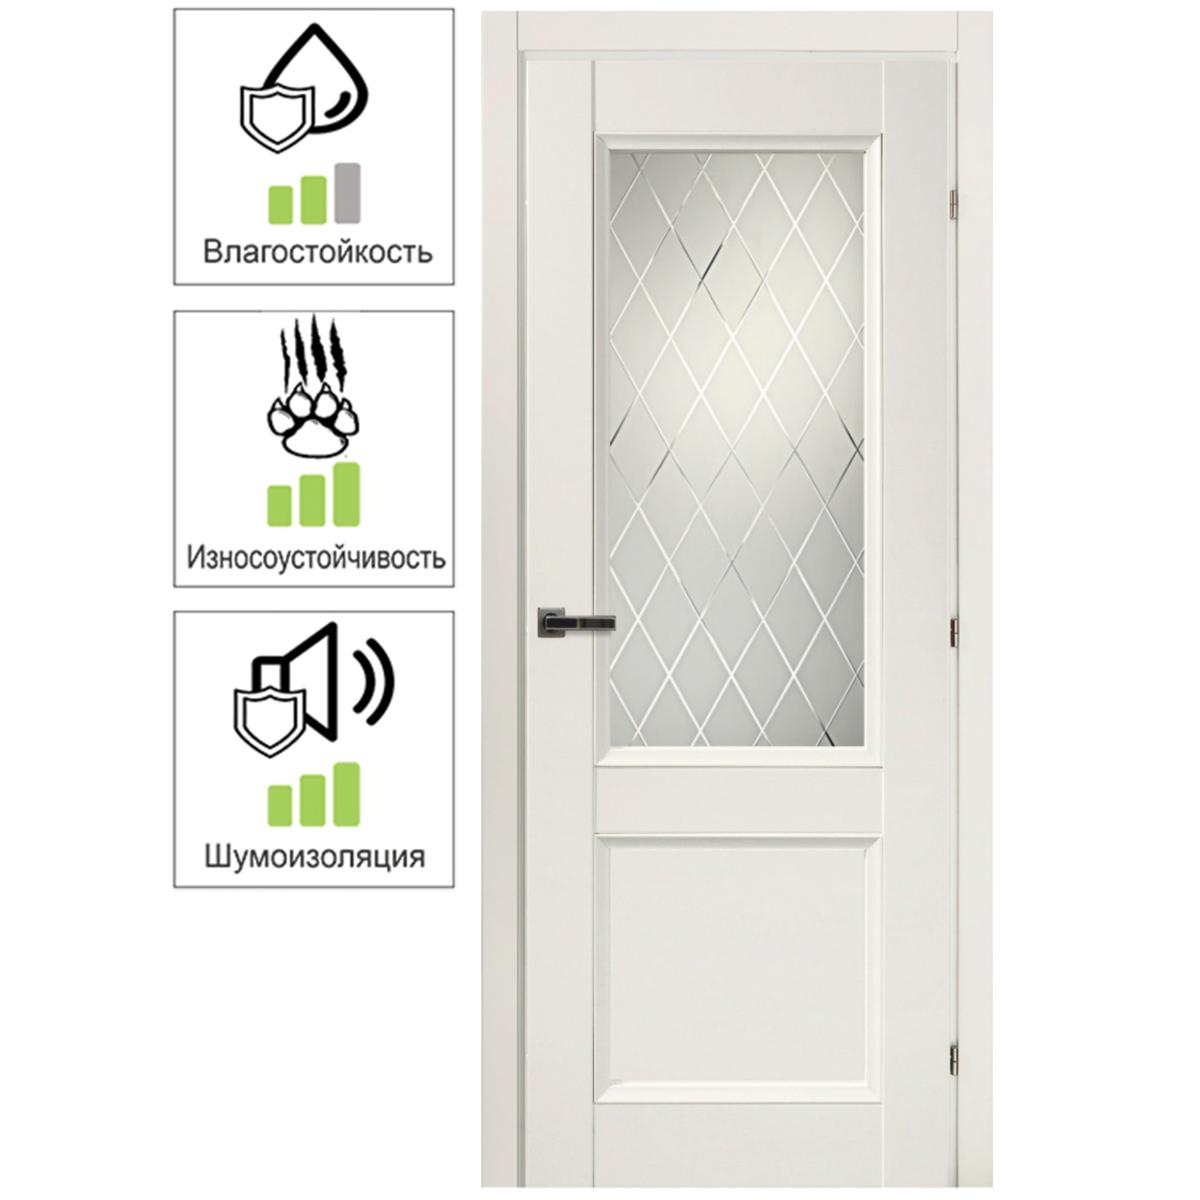 Дверь межкомнатная остеклённая Тнаганика 90х200 см CPL цвет белый с фурнитурой